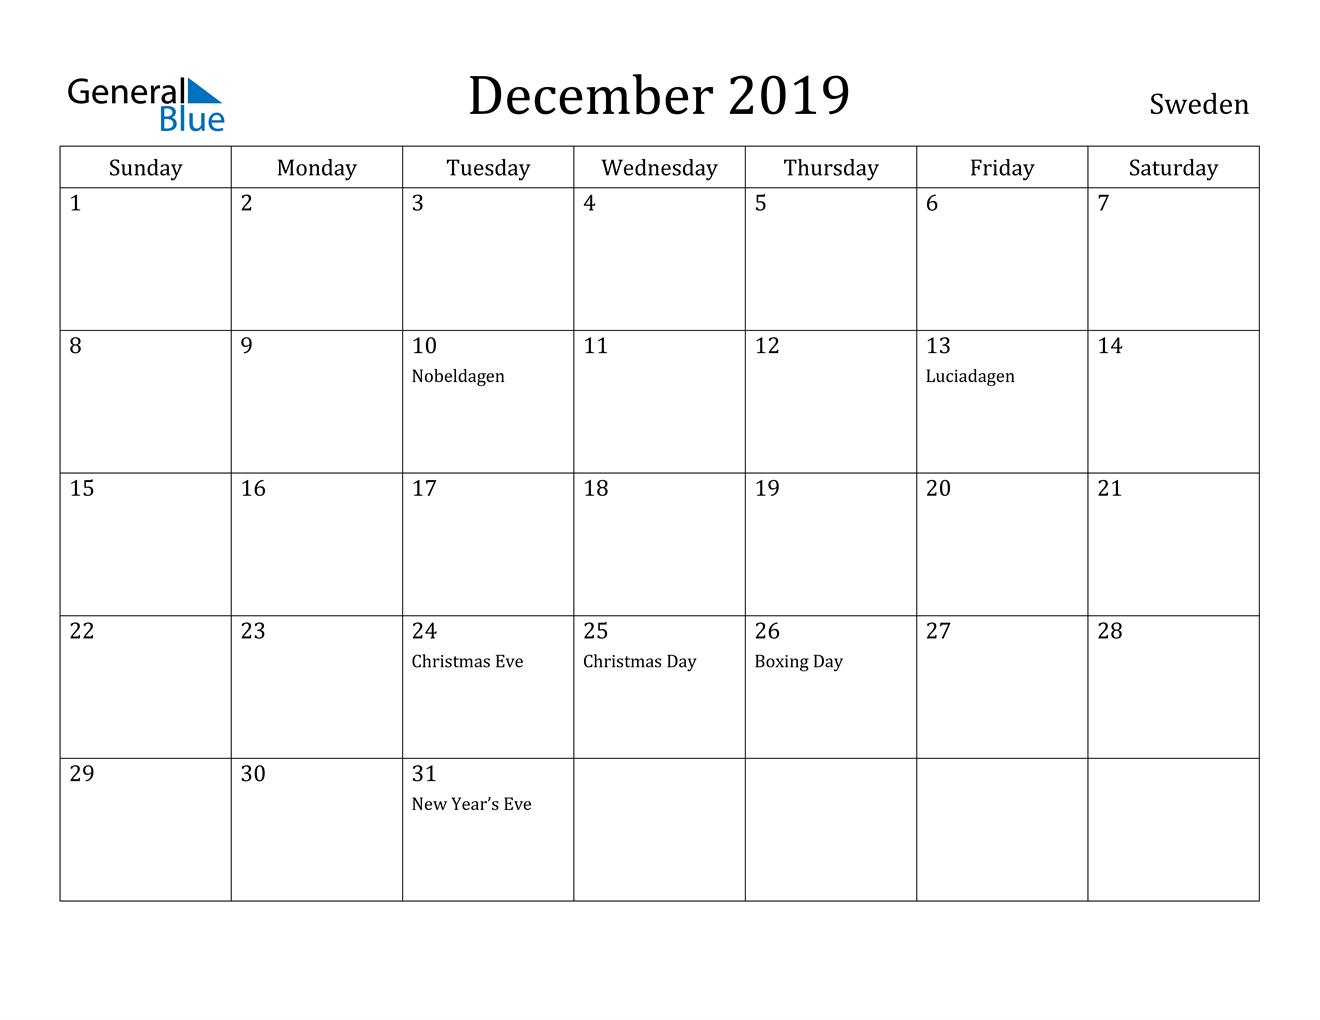 Image of December 2019 Sweden Calendar with Holidays Calendar